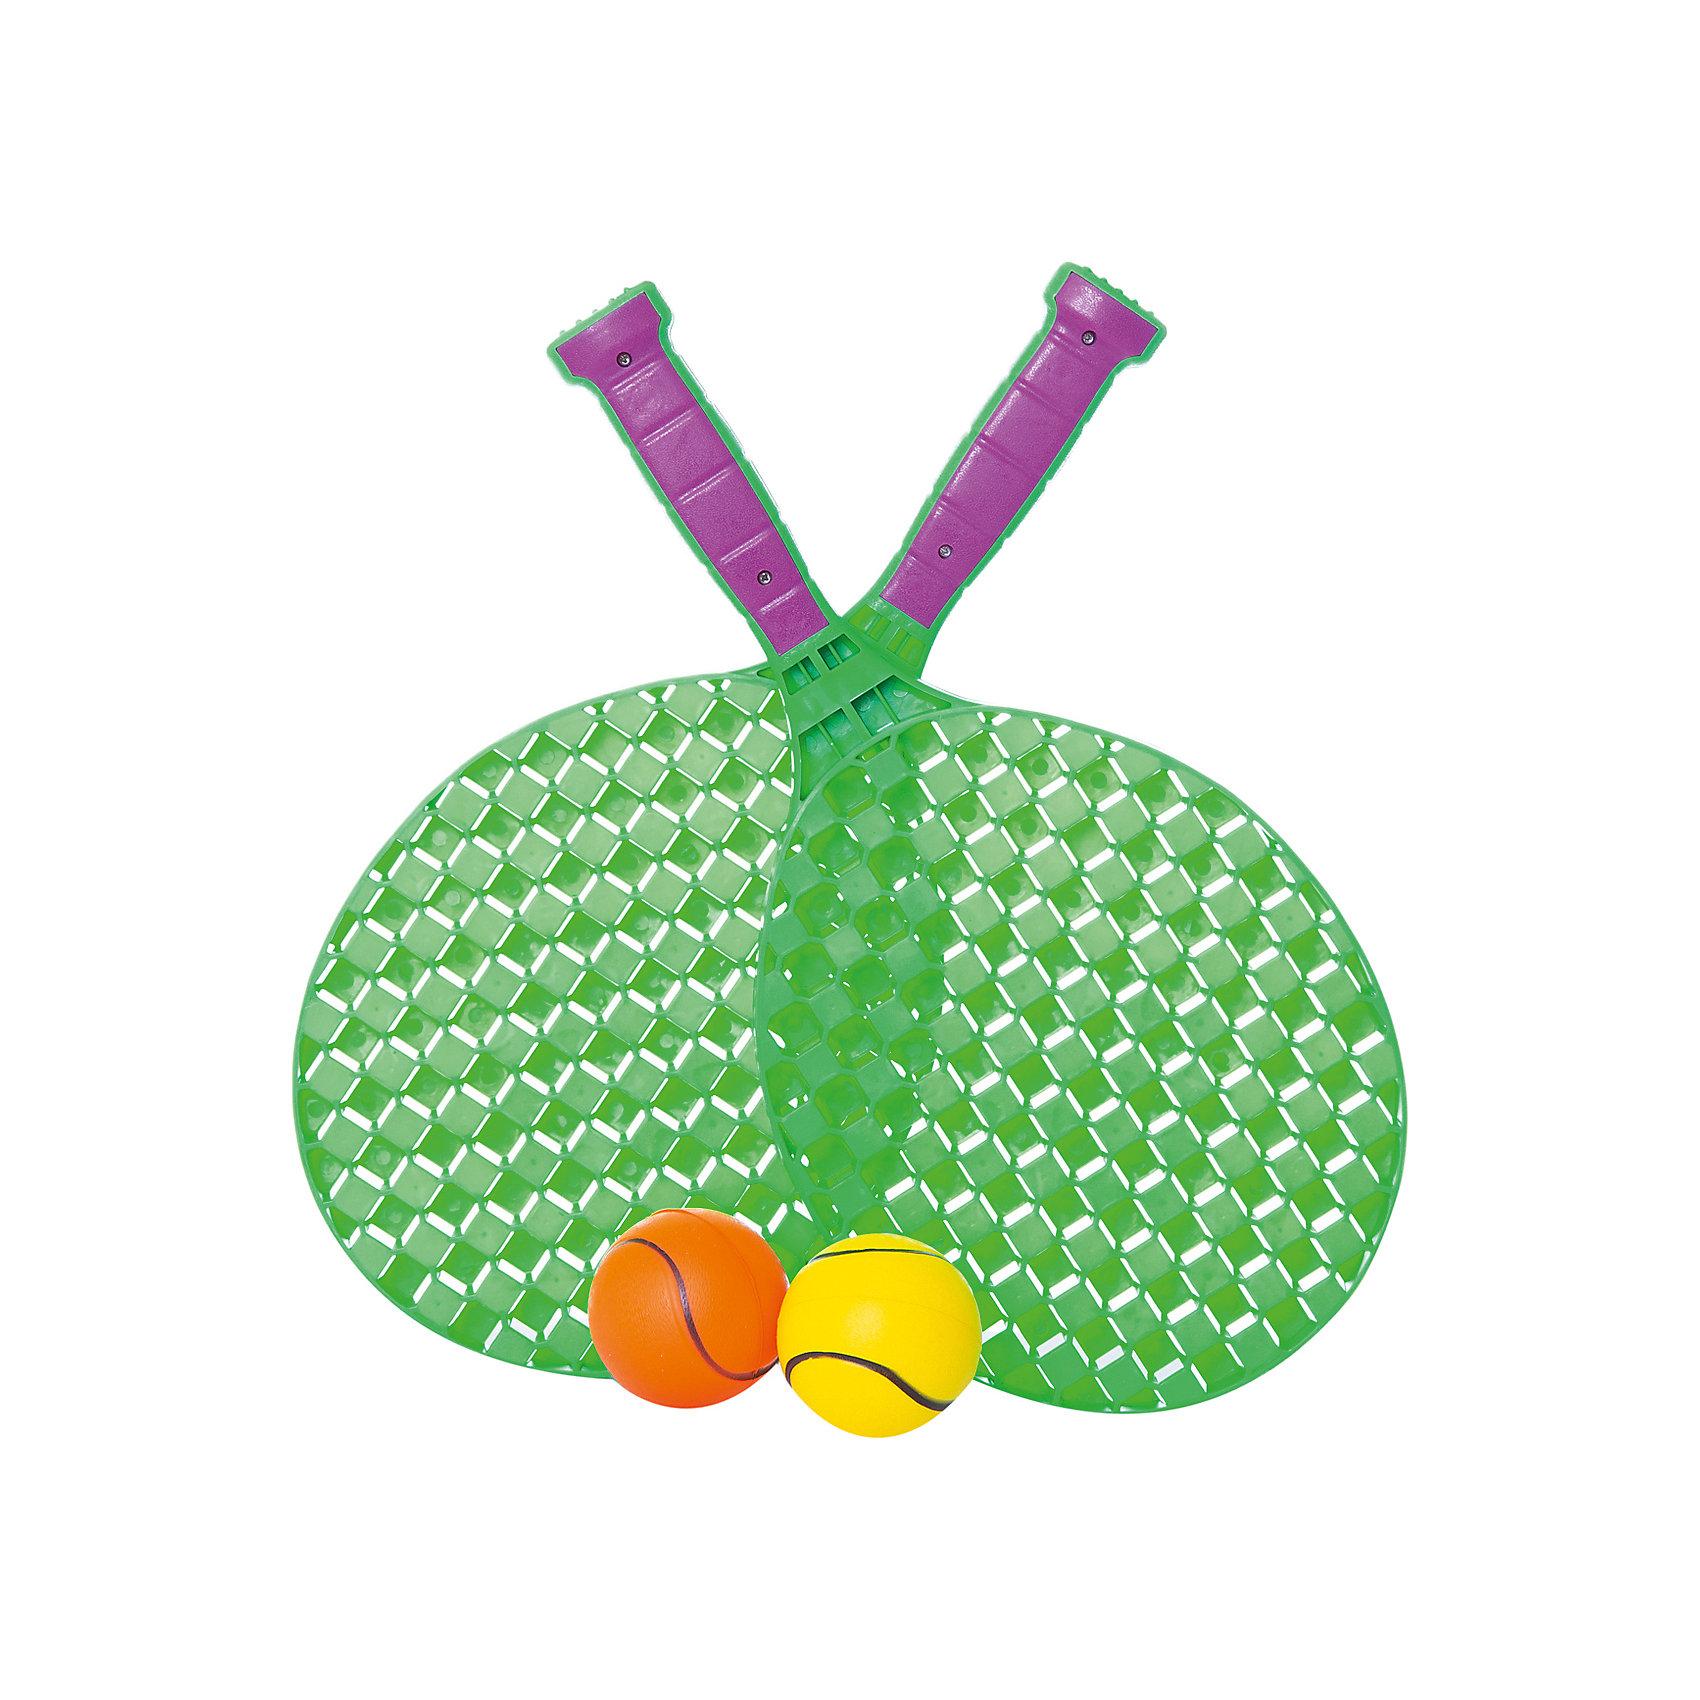 Набор для игры в теннис 2 ракетки и 2 мяча, JUNnewИгровые наборы<br>Набор для игры в теннис: 2 ракетки и 2 мяча в наборе<br><br>Ширина мм: 360<br>Глубина мм: 130<br>Высота мм: 20<br>Вес г: 373<br>Возраст от месяцев: 36<br>Возраст до месяцев: 192<br>Пол: Унисекс<br>Возраст: Детский<br>SKU: 5500895